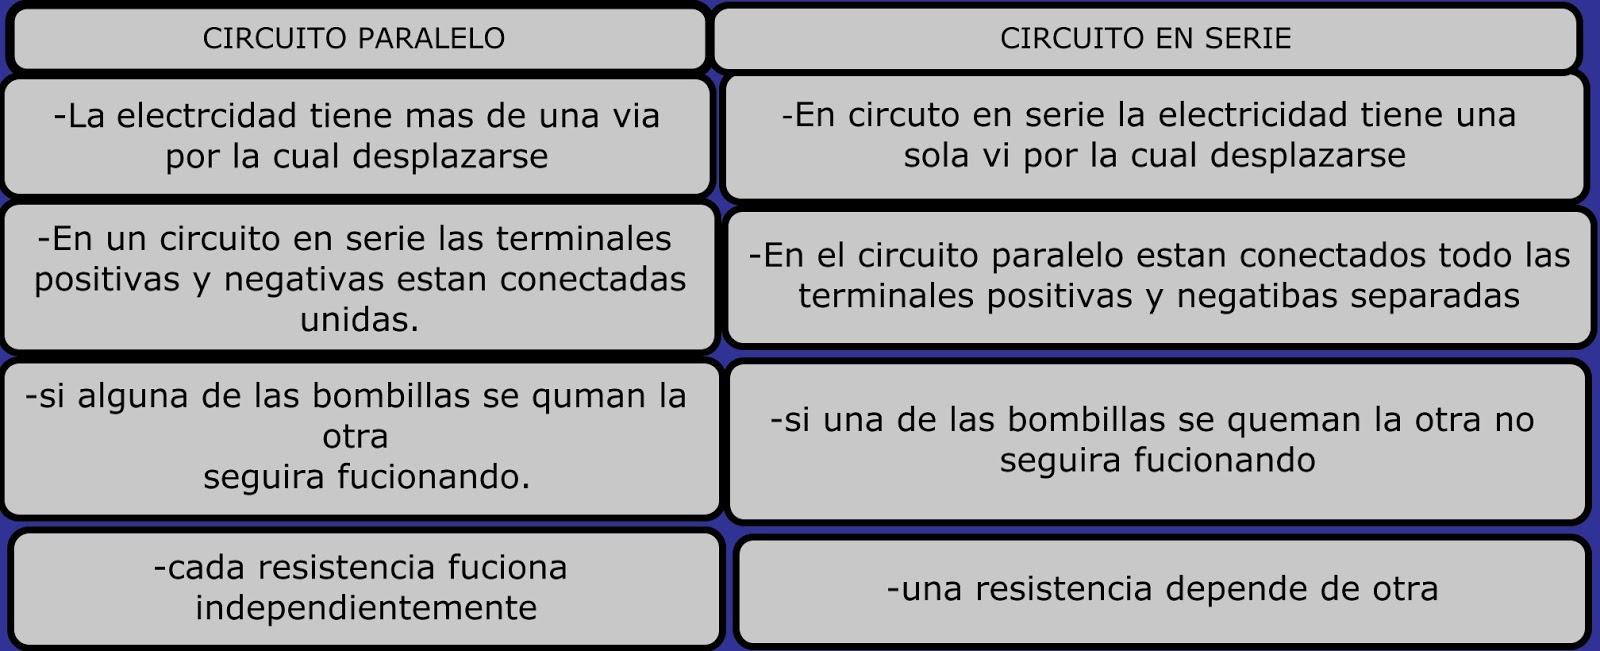 Circuito Paralelo : Tecnologia e informatica circuitos y la ley de ohm